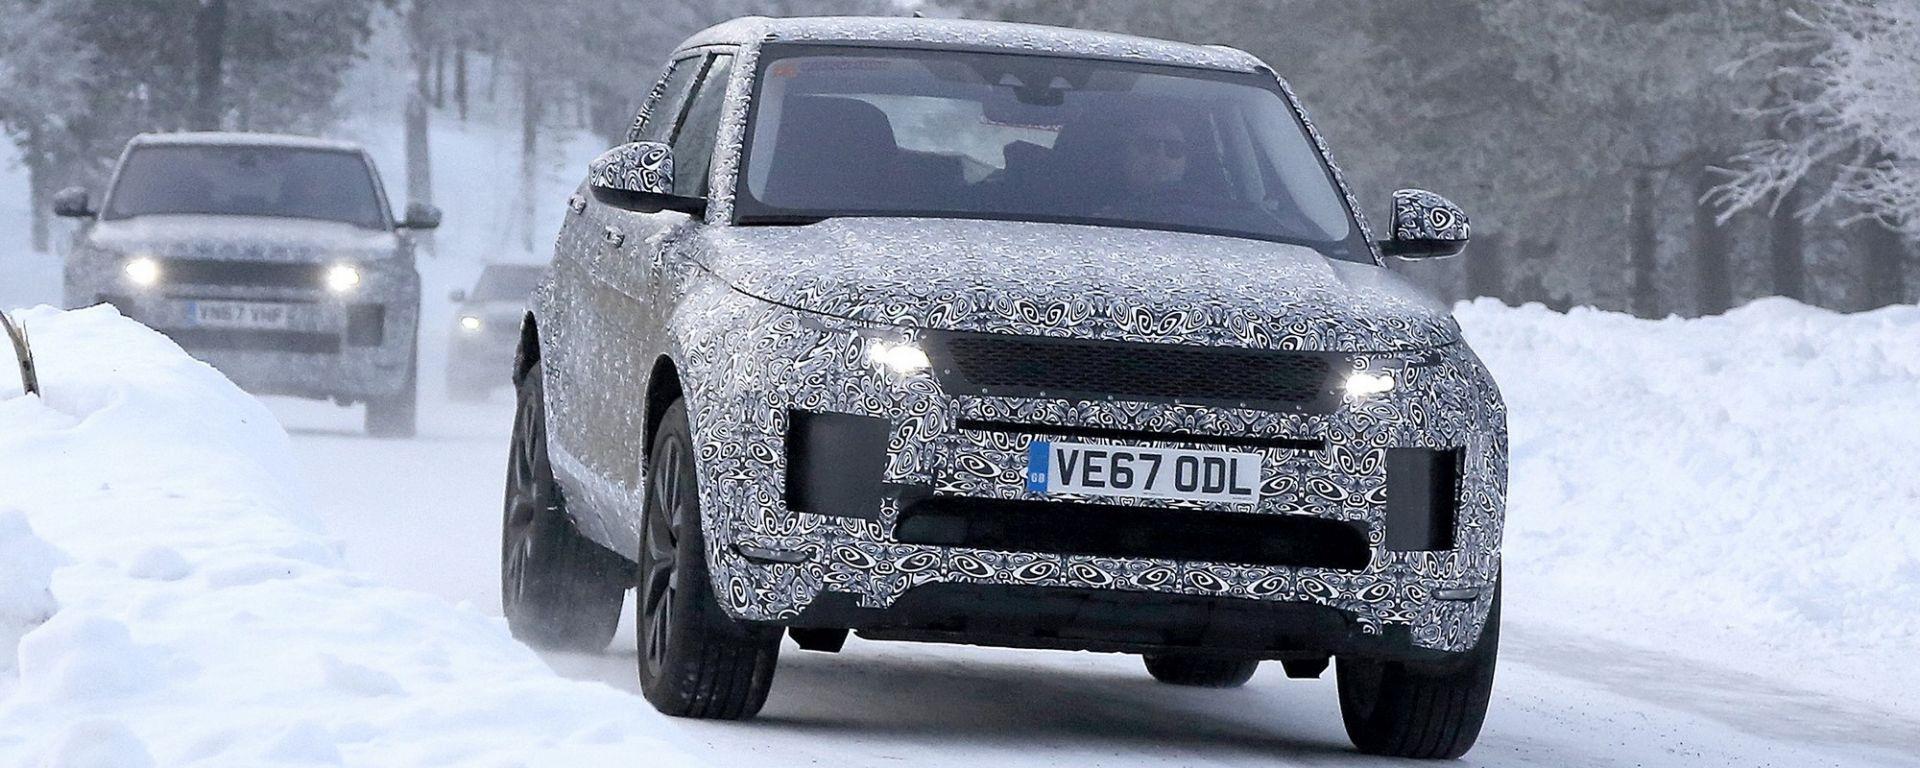 Nuova Range Rover Evoque 2019: foto spia e anticipazioni ...